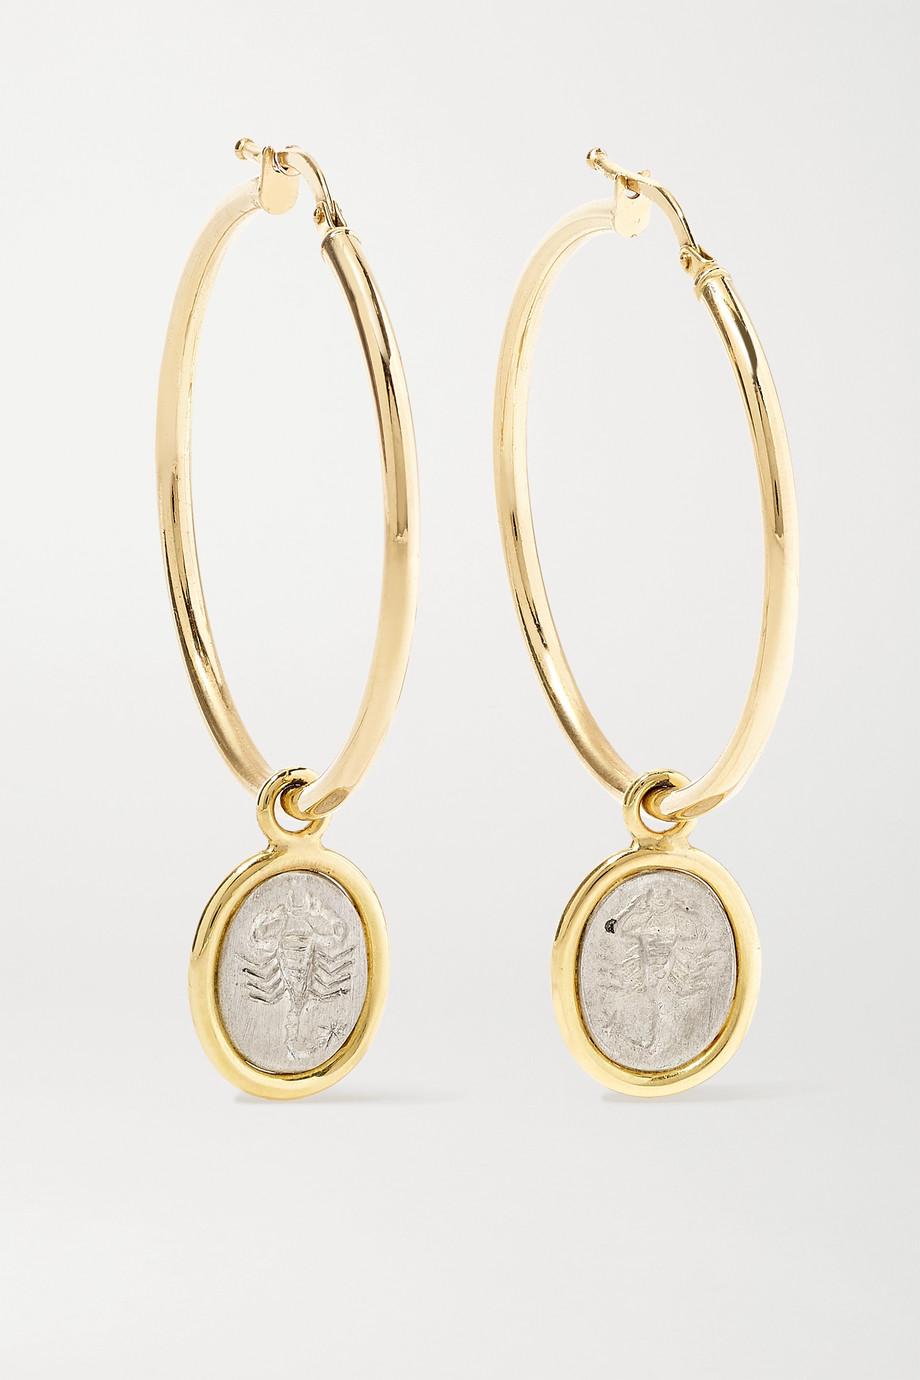 Dubini Scorpio 18-karat gold and sterling silver hoop earrings